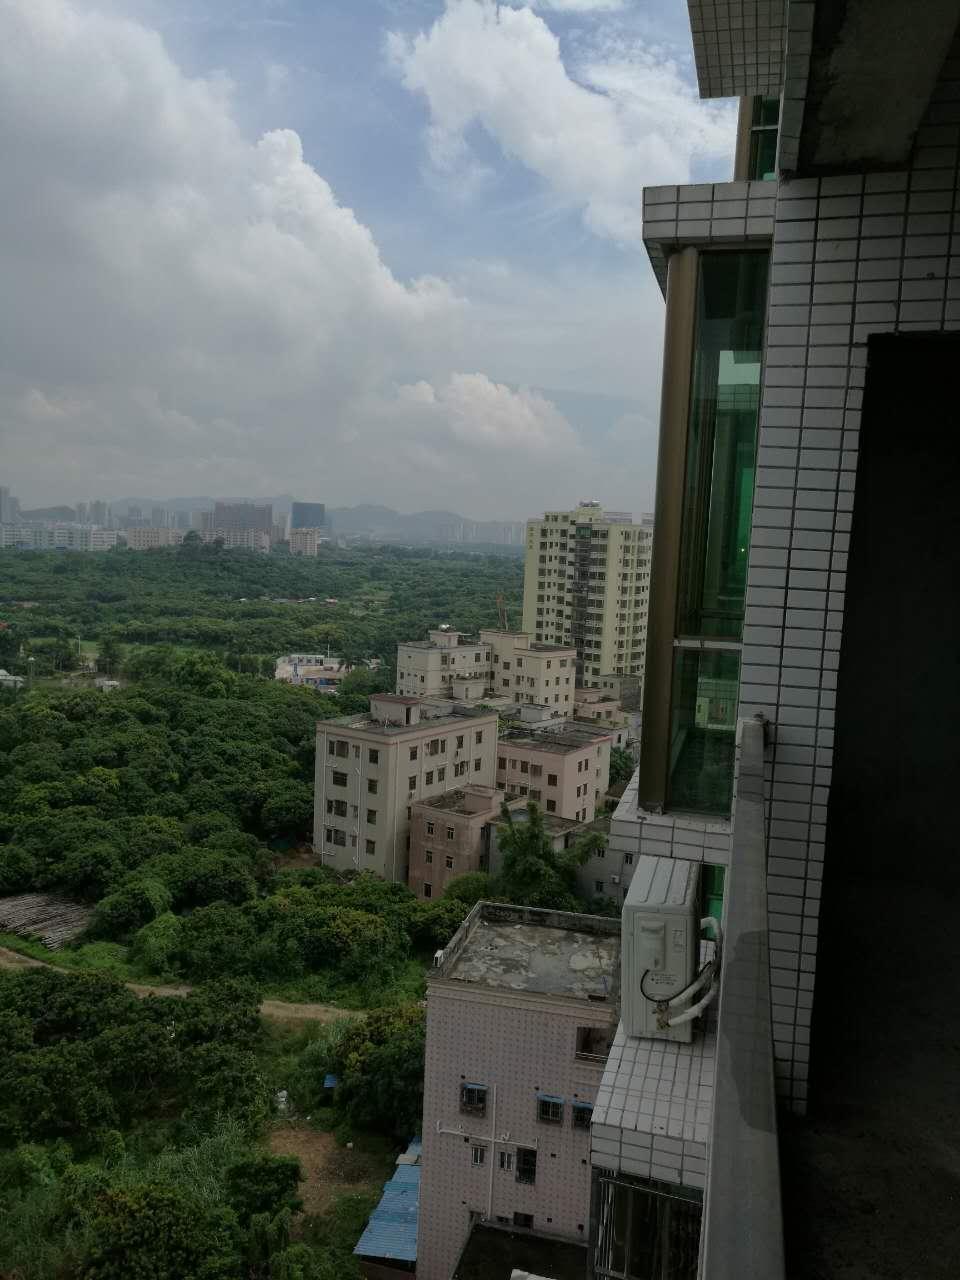 深圳公明楼村小产权房新开盘对外发售,3600元/㎡起 房价 新闻 跳蚤市场 二房二厅 第9张